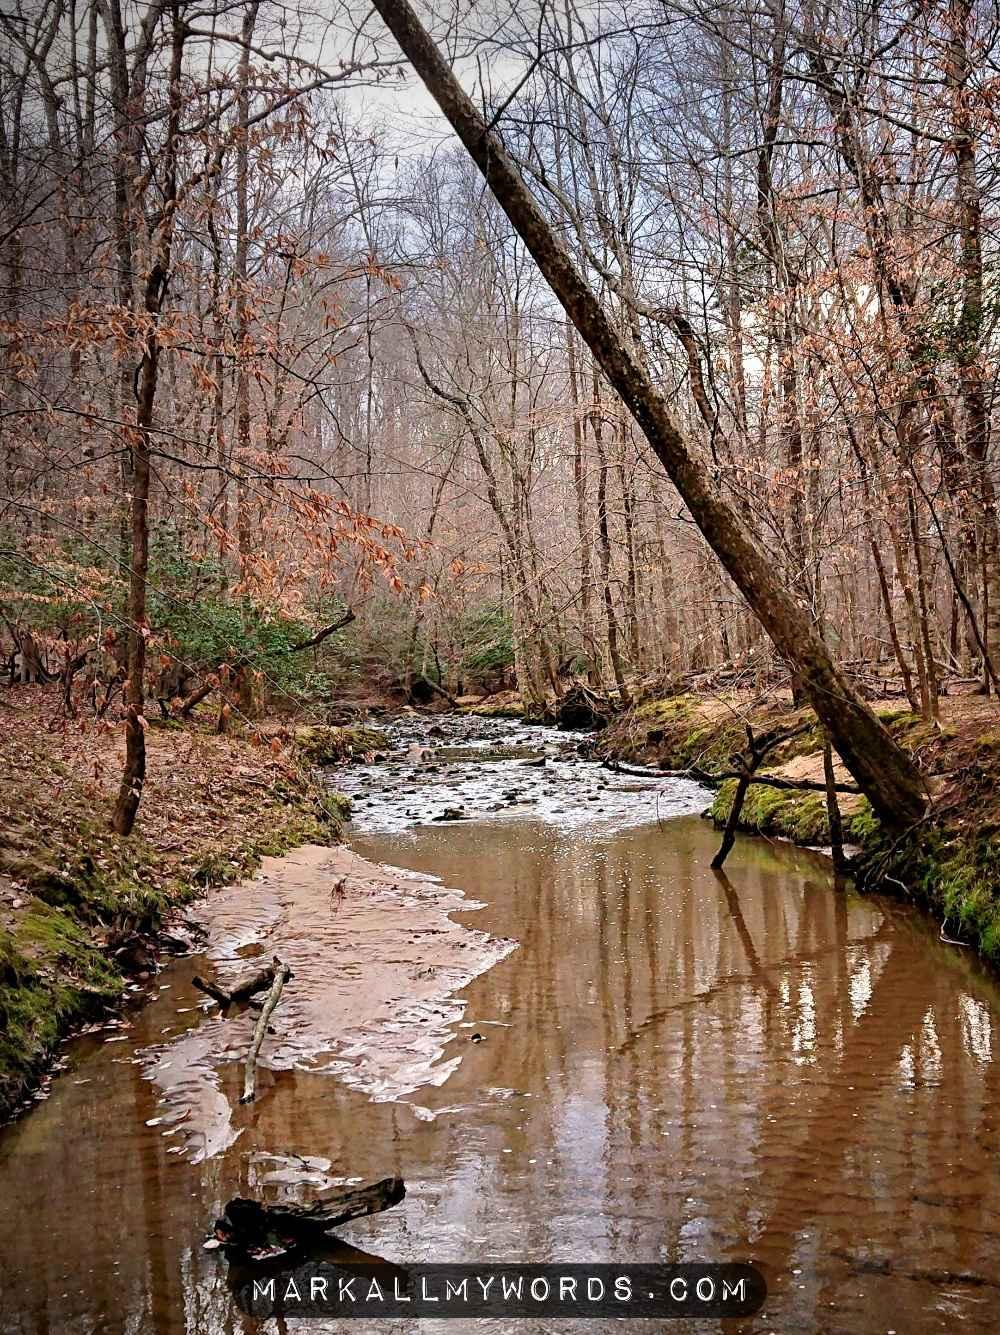 Warren Creek with an overhanging tree